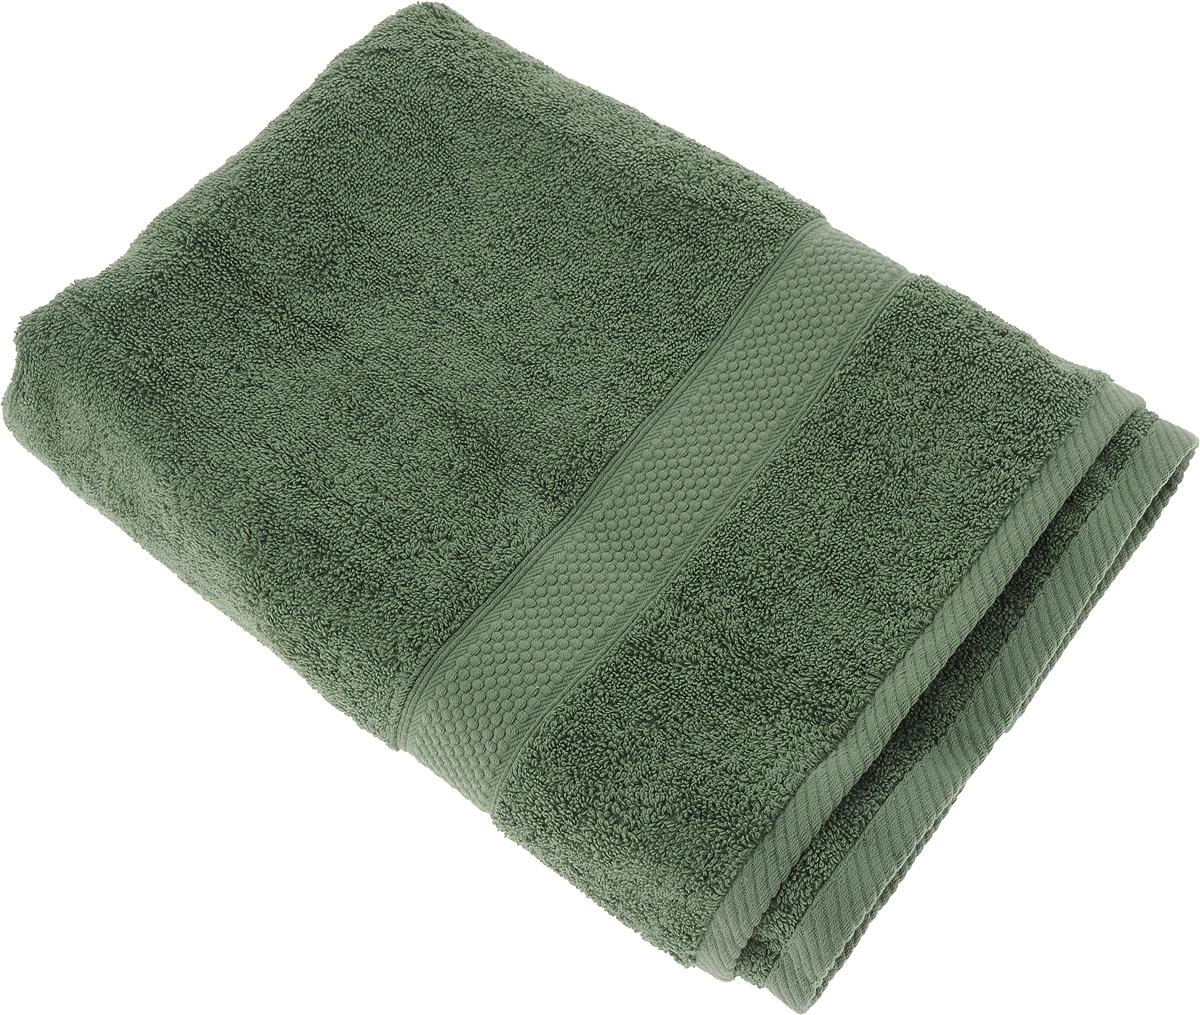 Полотенце Arya Miranda, цвет: зеленый, 70 x 140 смF0002403_ЗеленыйПолотенце Arya Miranda выполнено из 100% хлопка. Изделие отлично впитывает влагу, быстро сохнет, сохраняет яркость цвета и не теряет форму даже после многократных стирок. Такое полотенце очень практично и неприхотливо в уходе. Оно создаст прекрасное настроение и украсит интерьер в ванной комнате.